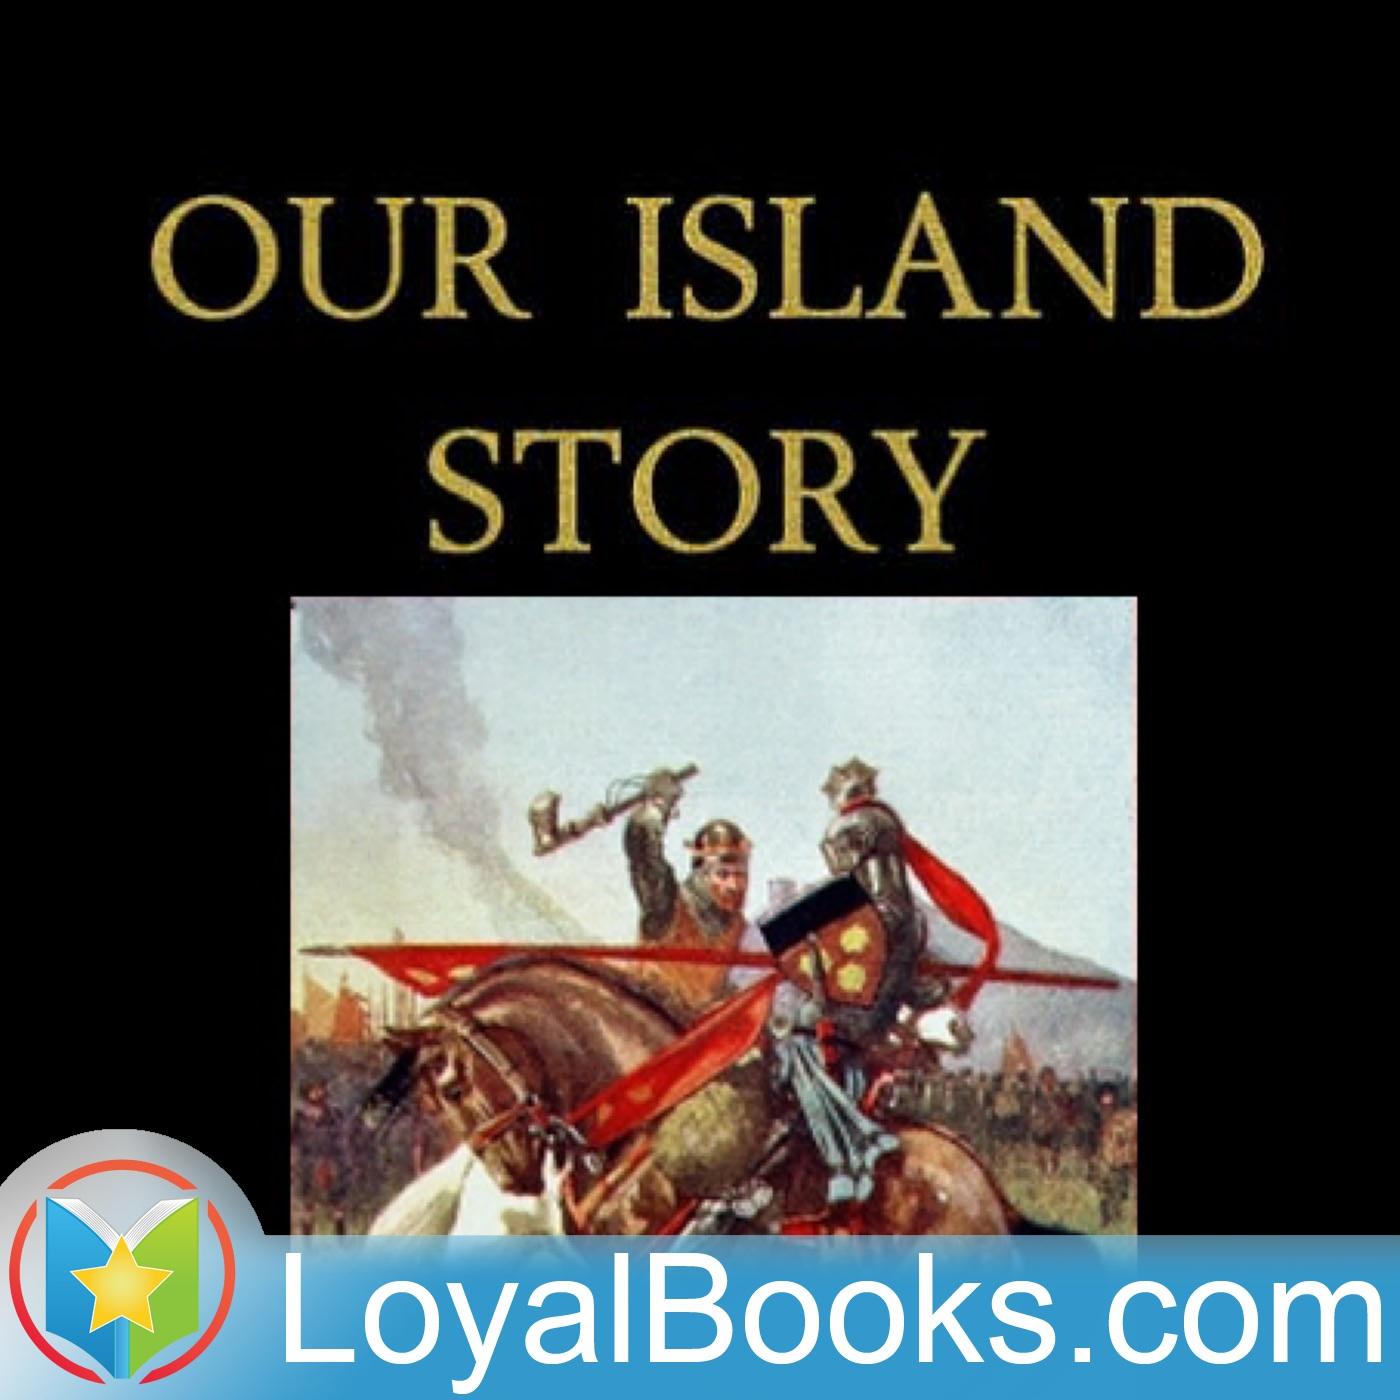 <![CDATA[Our Island Story by Henrietta Elizabeth Marshall]]>